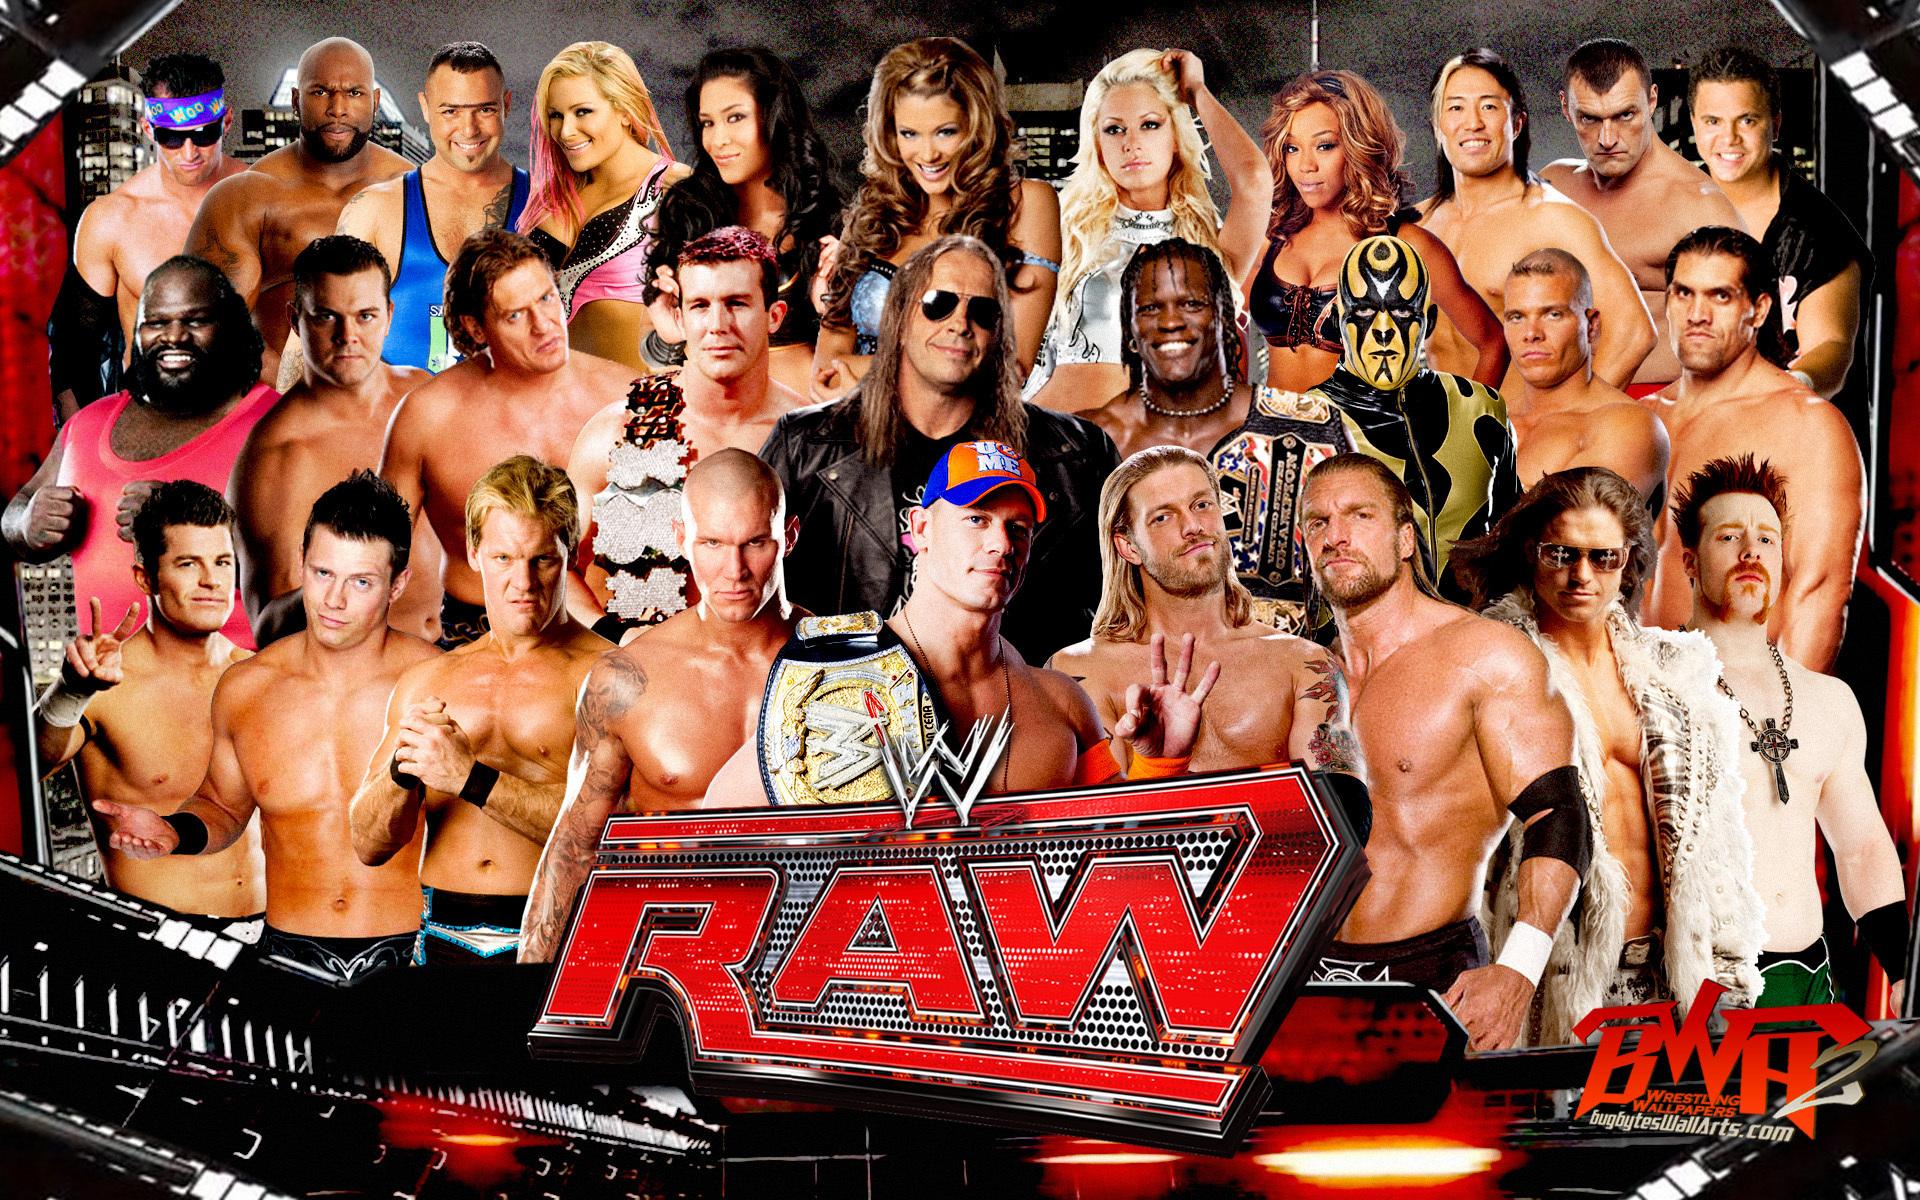 WWE WWE Raw 1920x1200